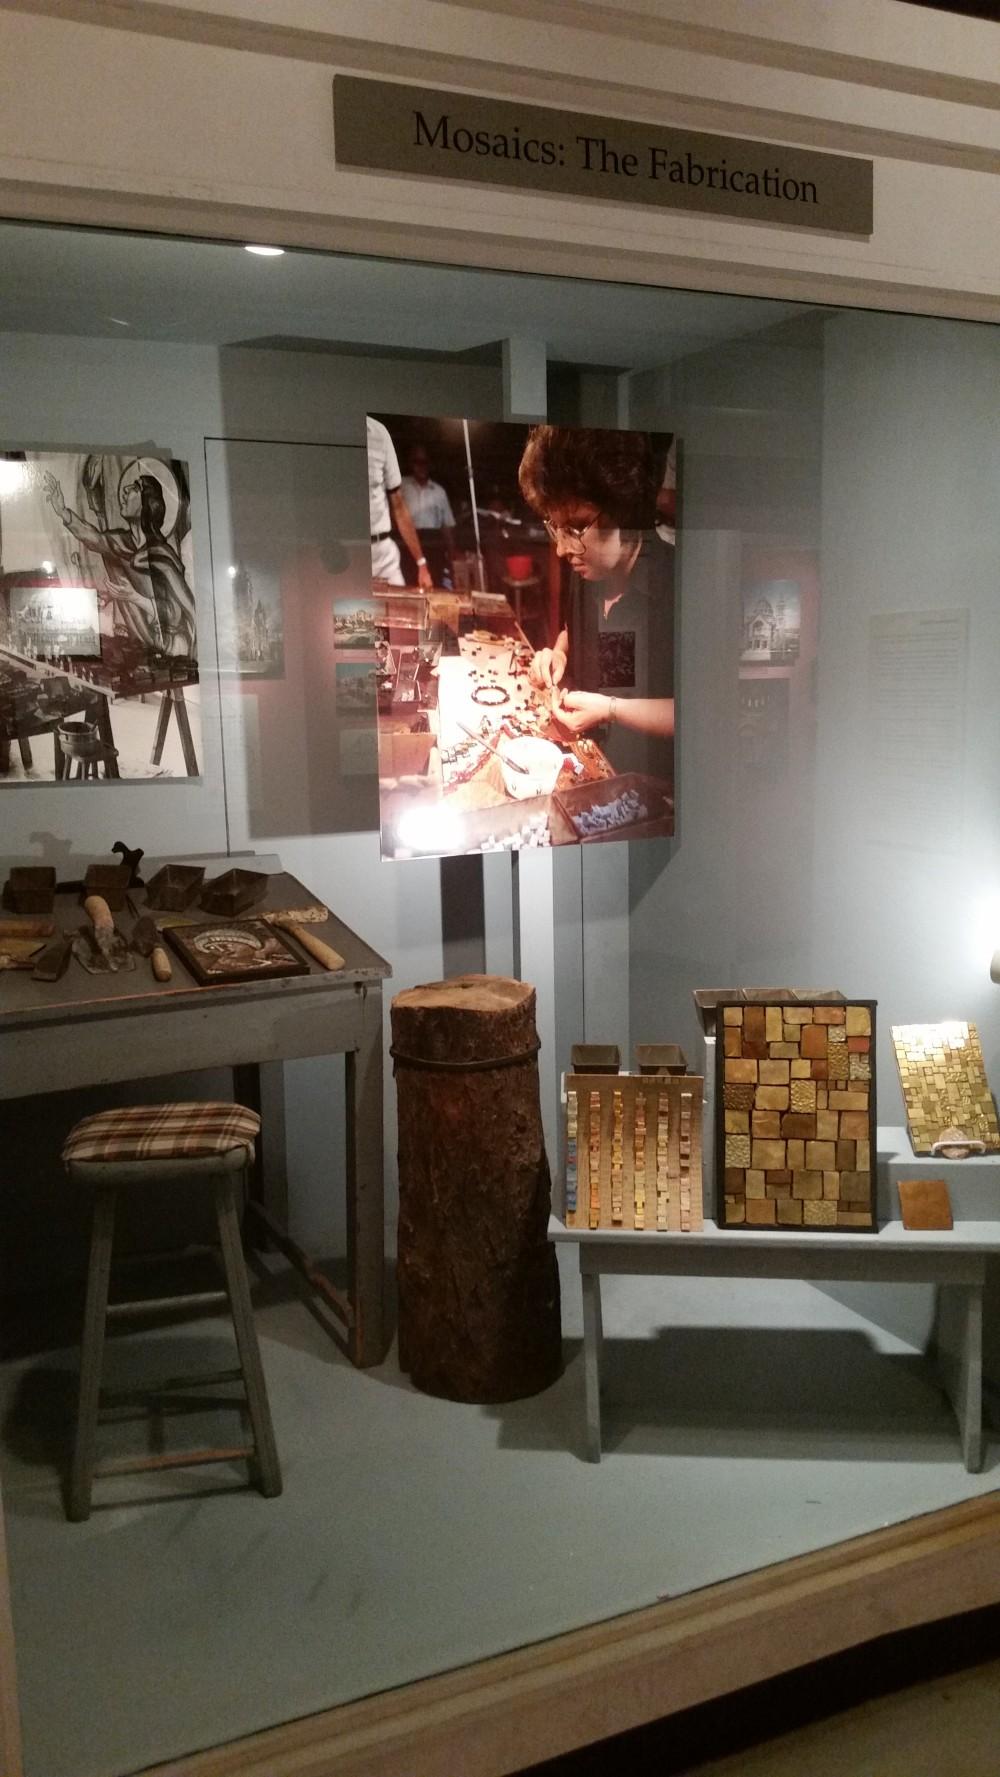 Mosaic artist's workshop